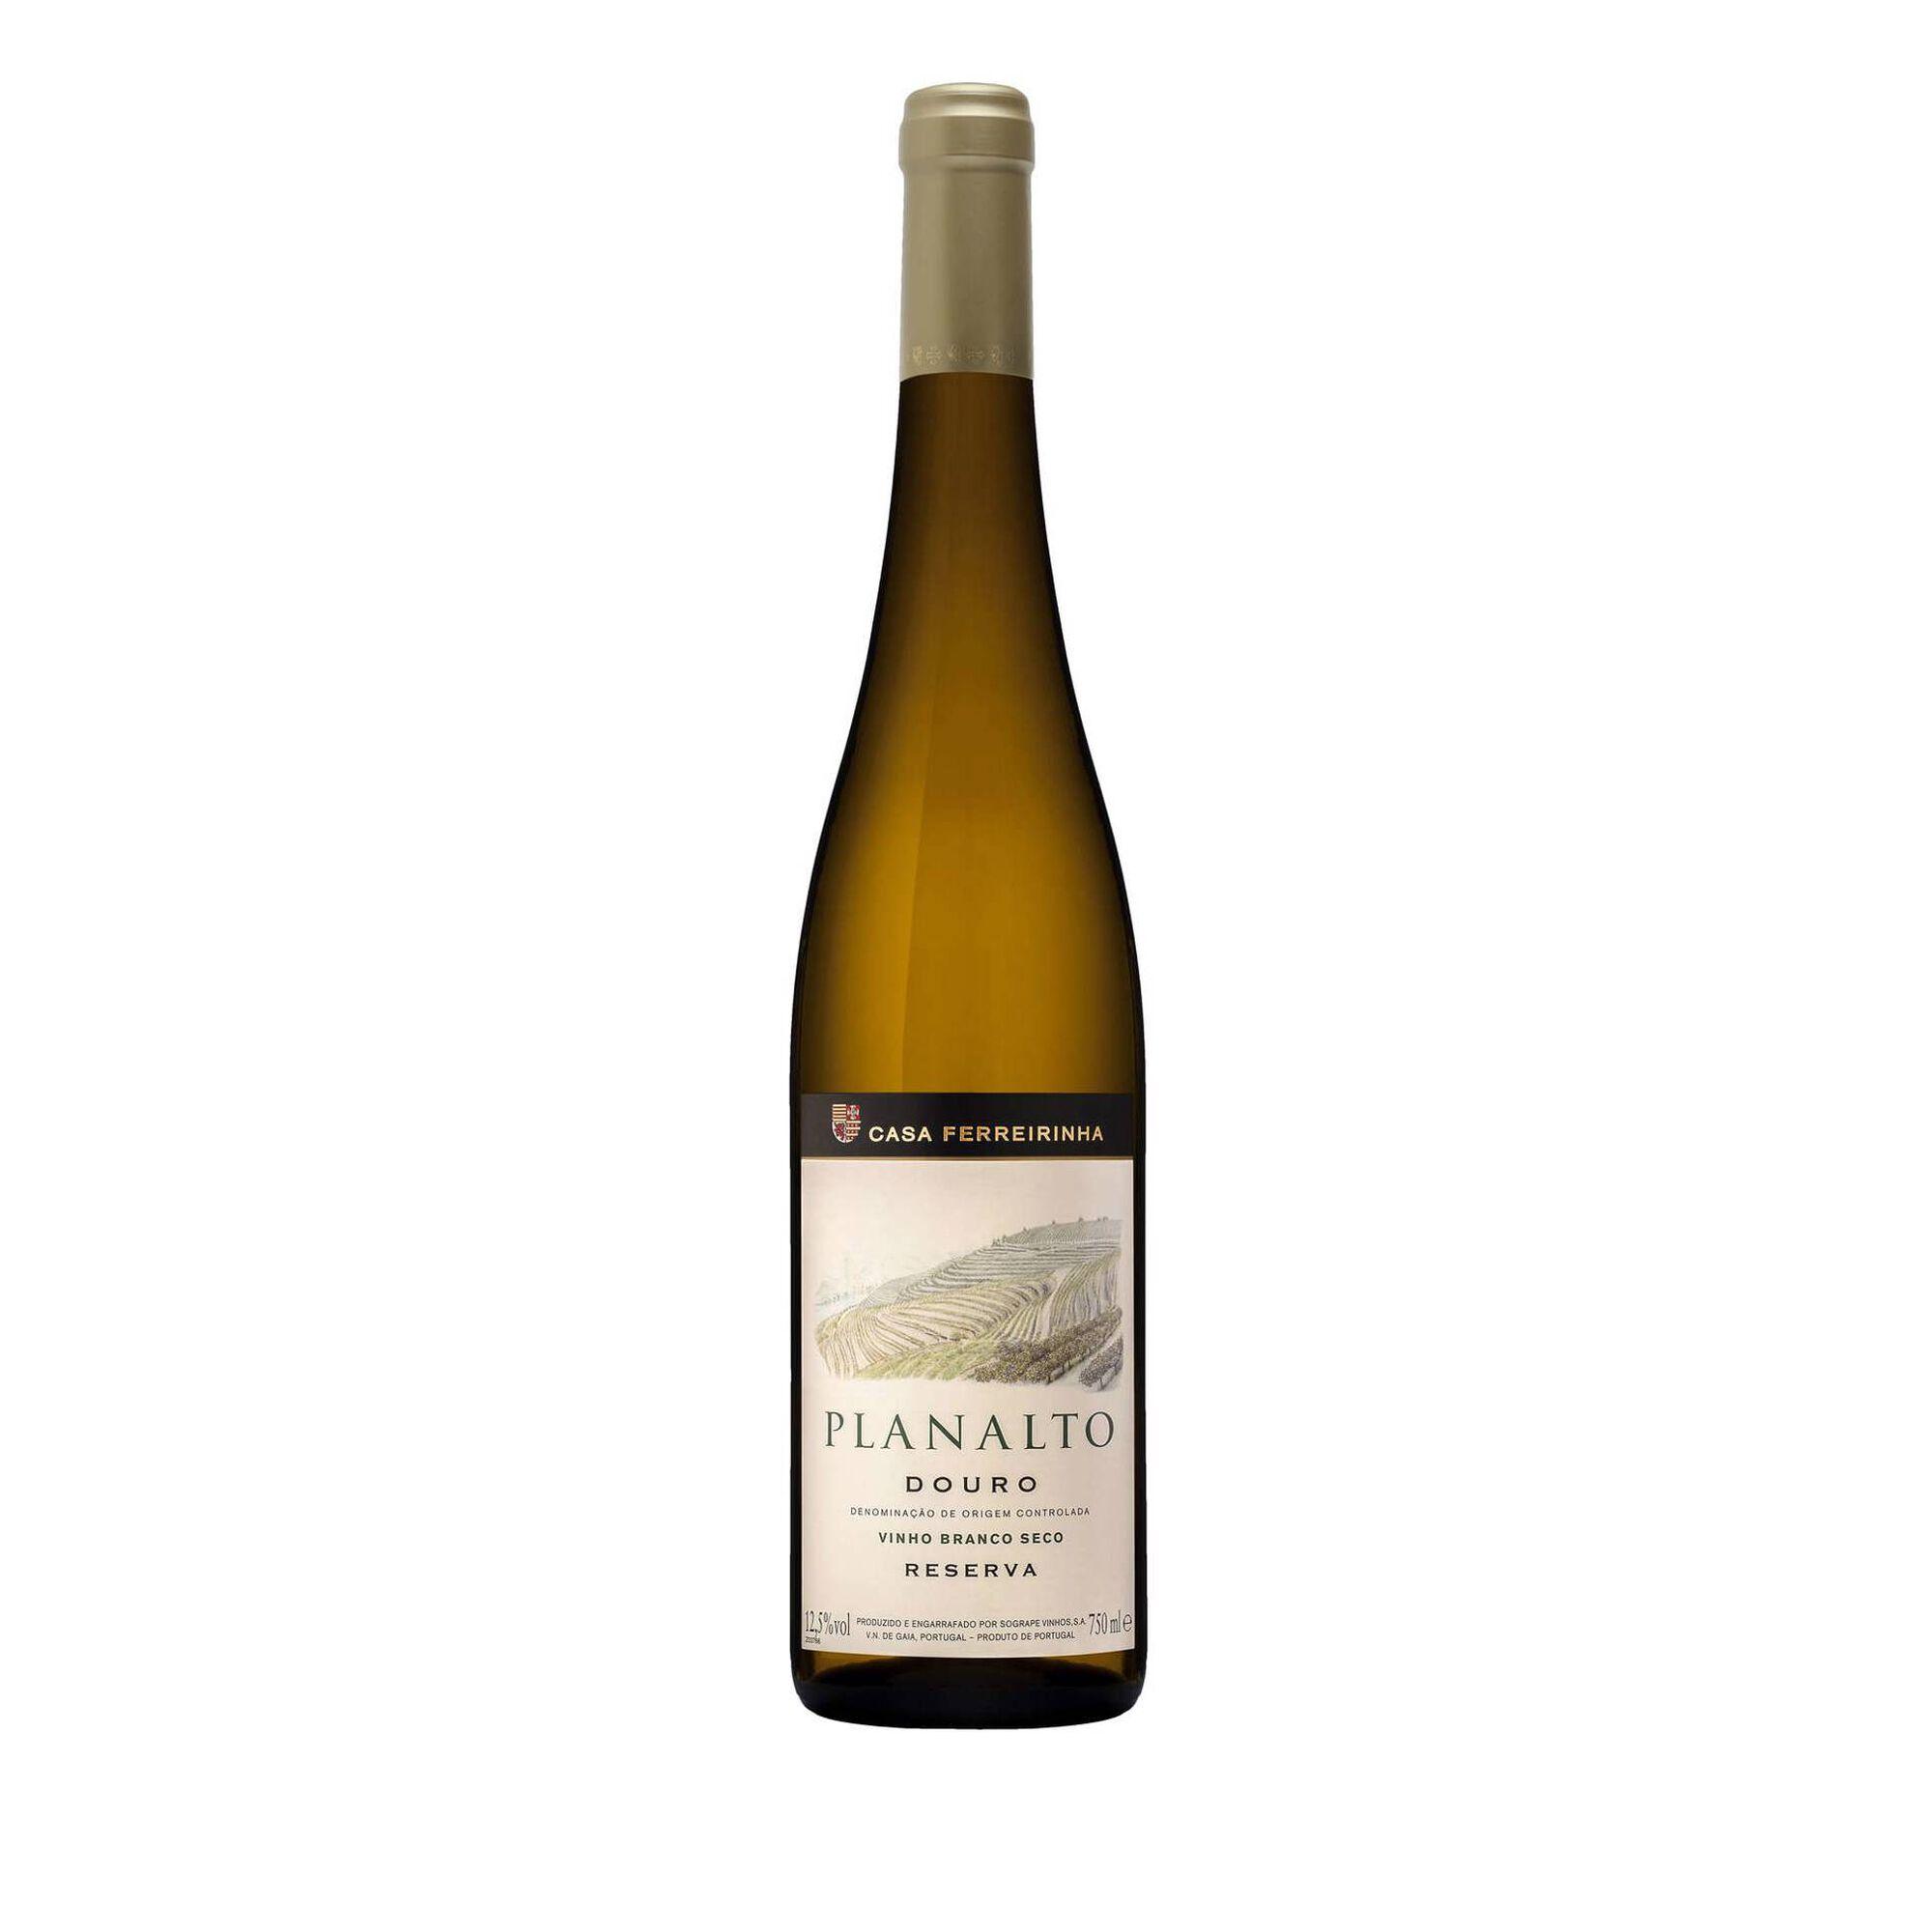 Planalto Reserva DOC Douro Vinho Branco